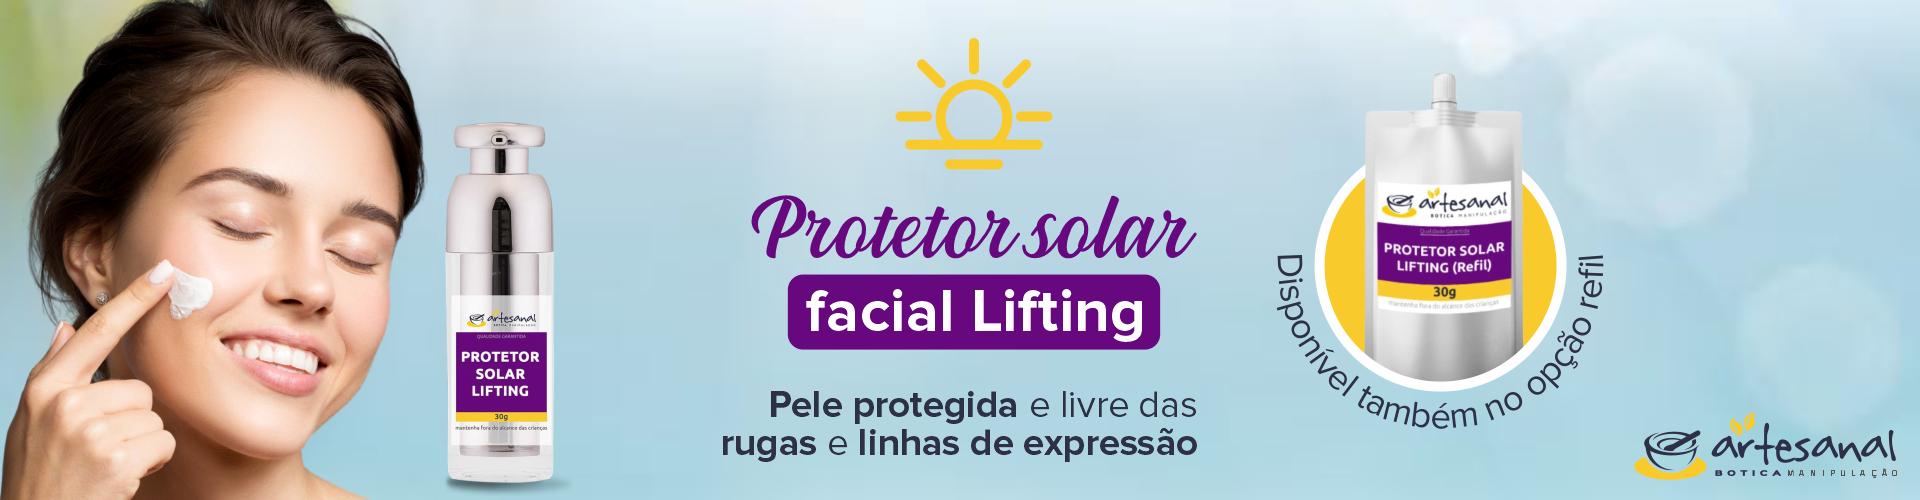 Protetor Solar Lifting